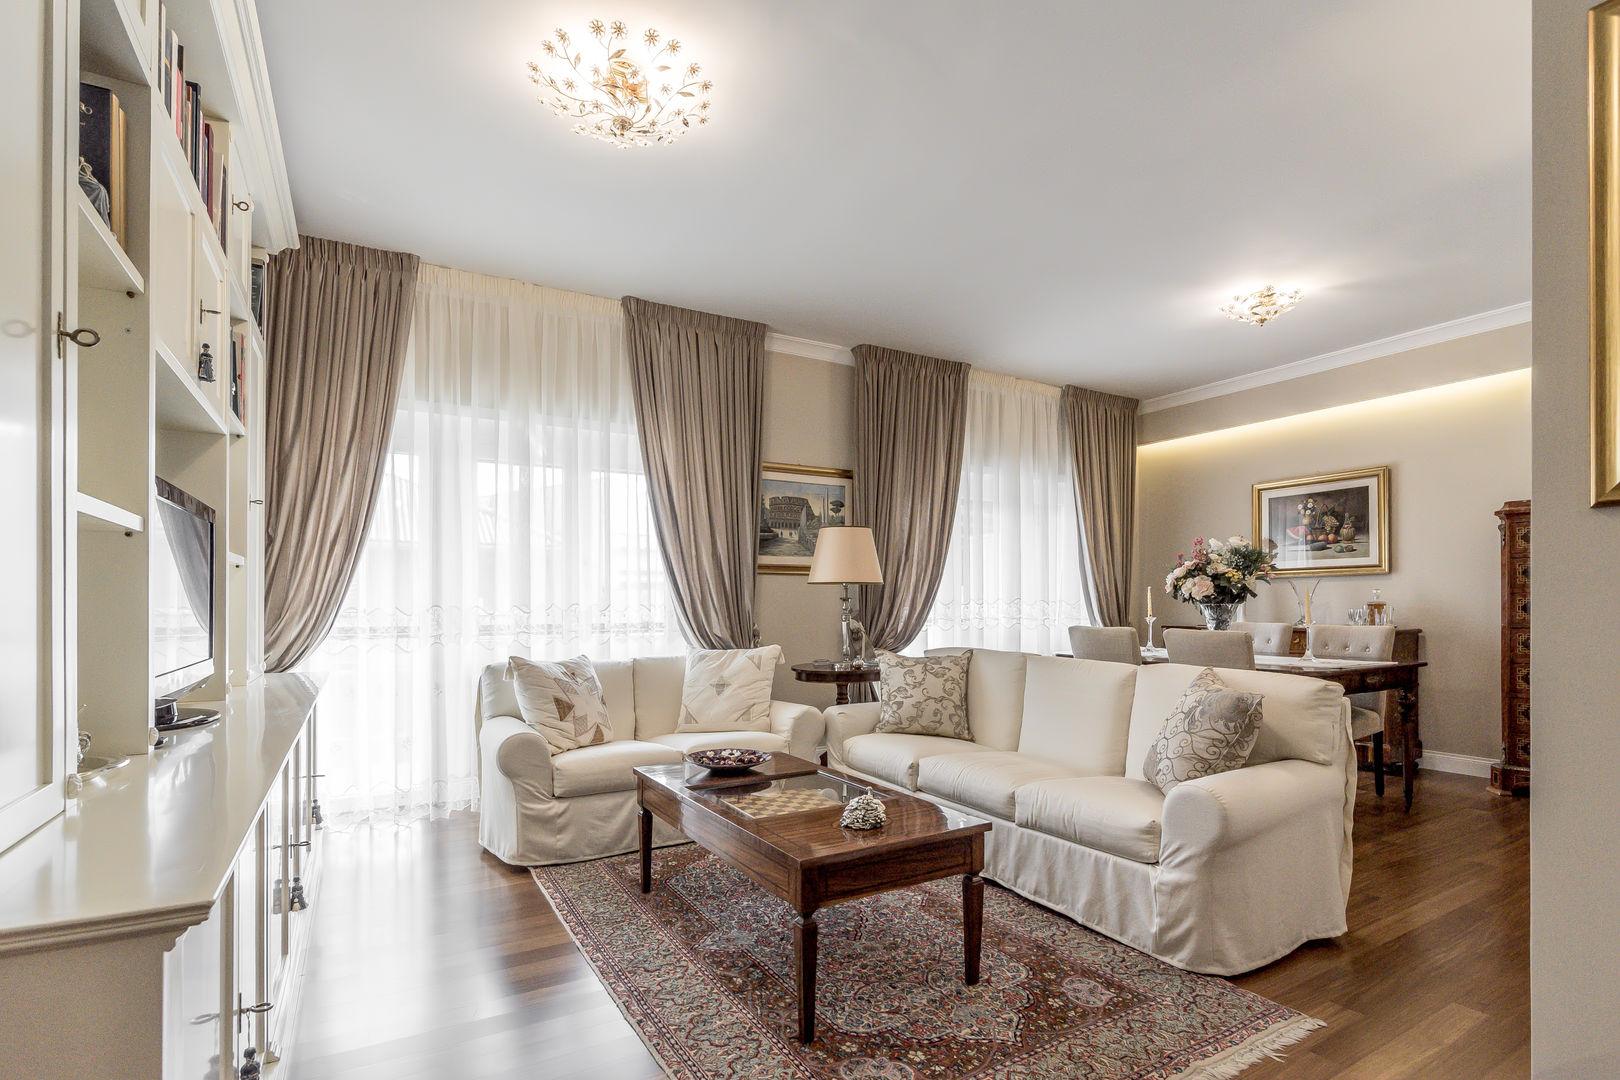 Idee arredamento casa interior design homify for Arredamento classico soggiorno